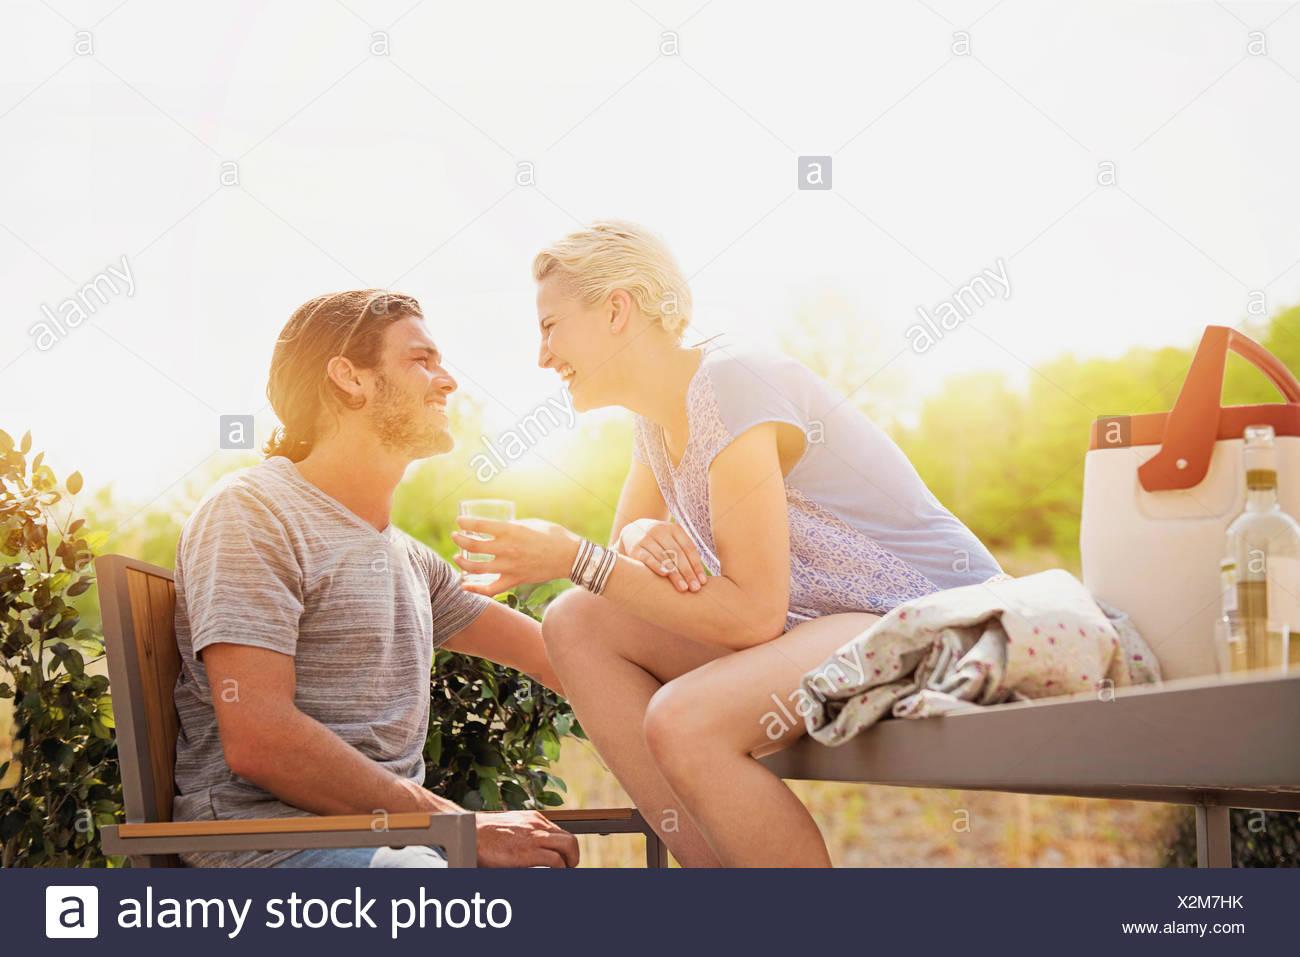 Paar, Lachen auf Dach Stockbild